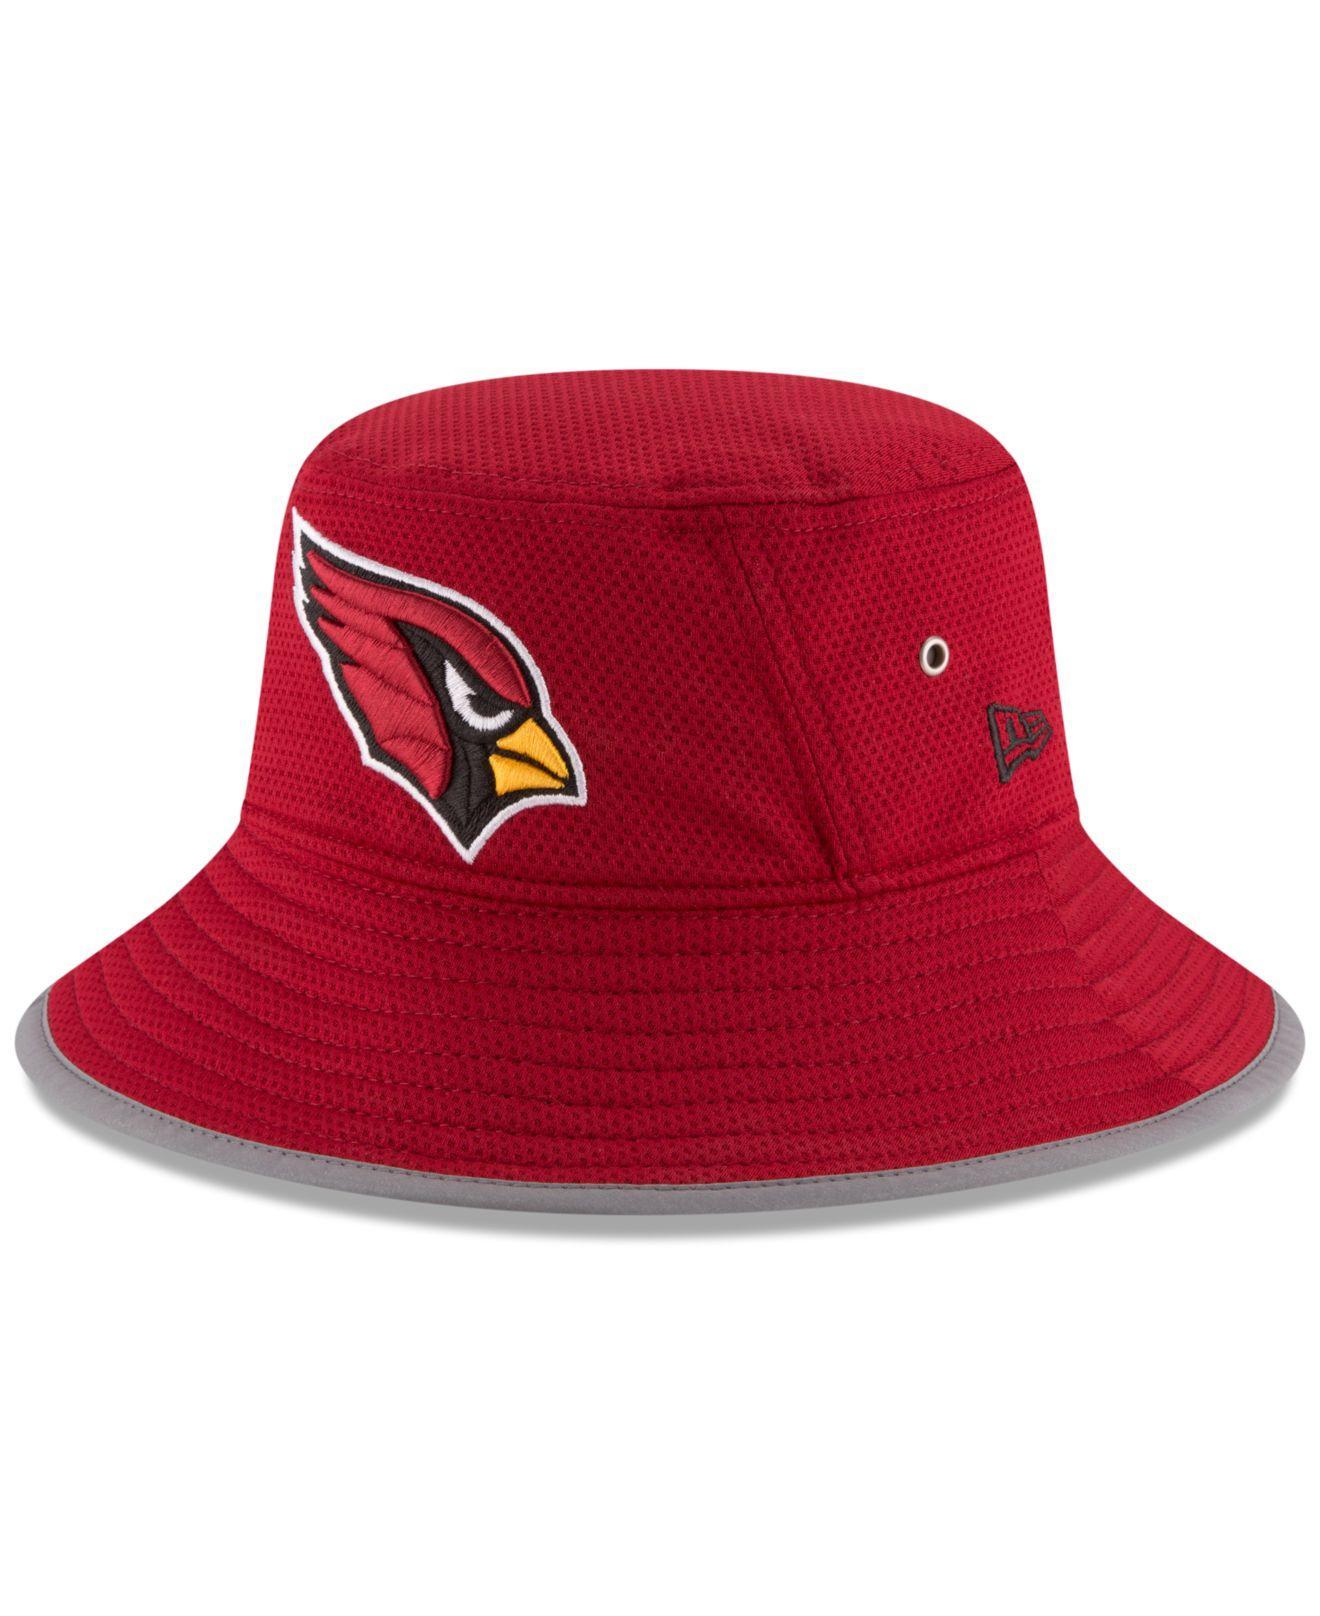 eeddc2c936f ... Men  fantastic savings da77b 45e6d Lyst - Ktz Arizona Cardinals Training  Camp Bucket Hat ...